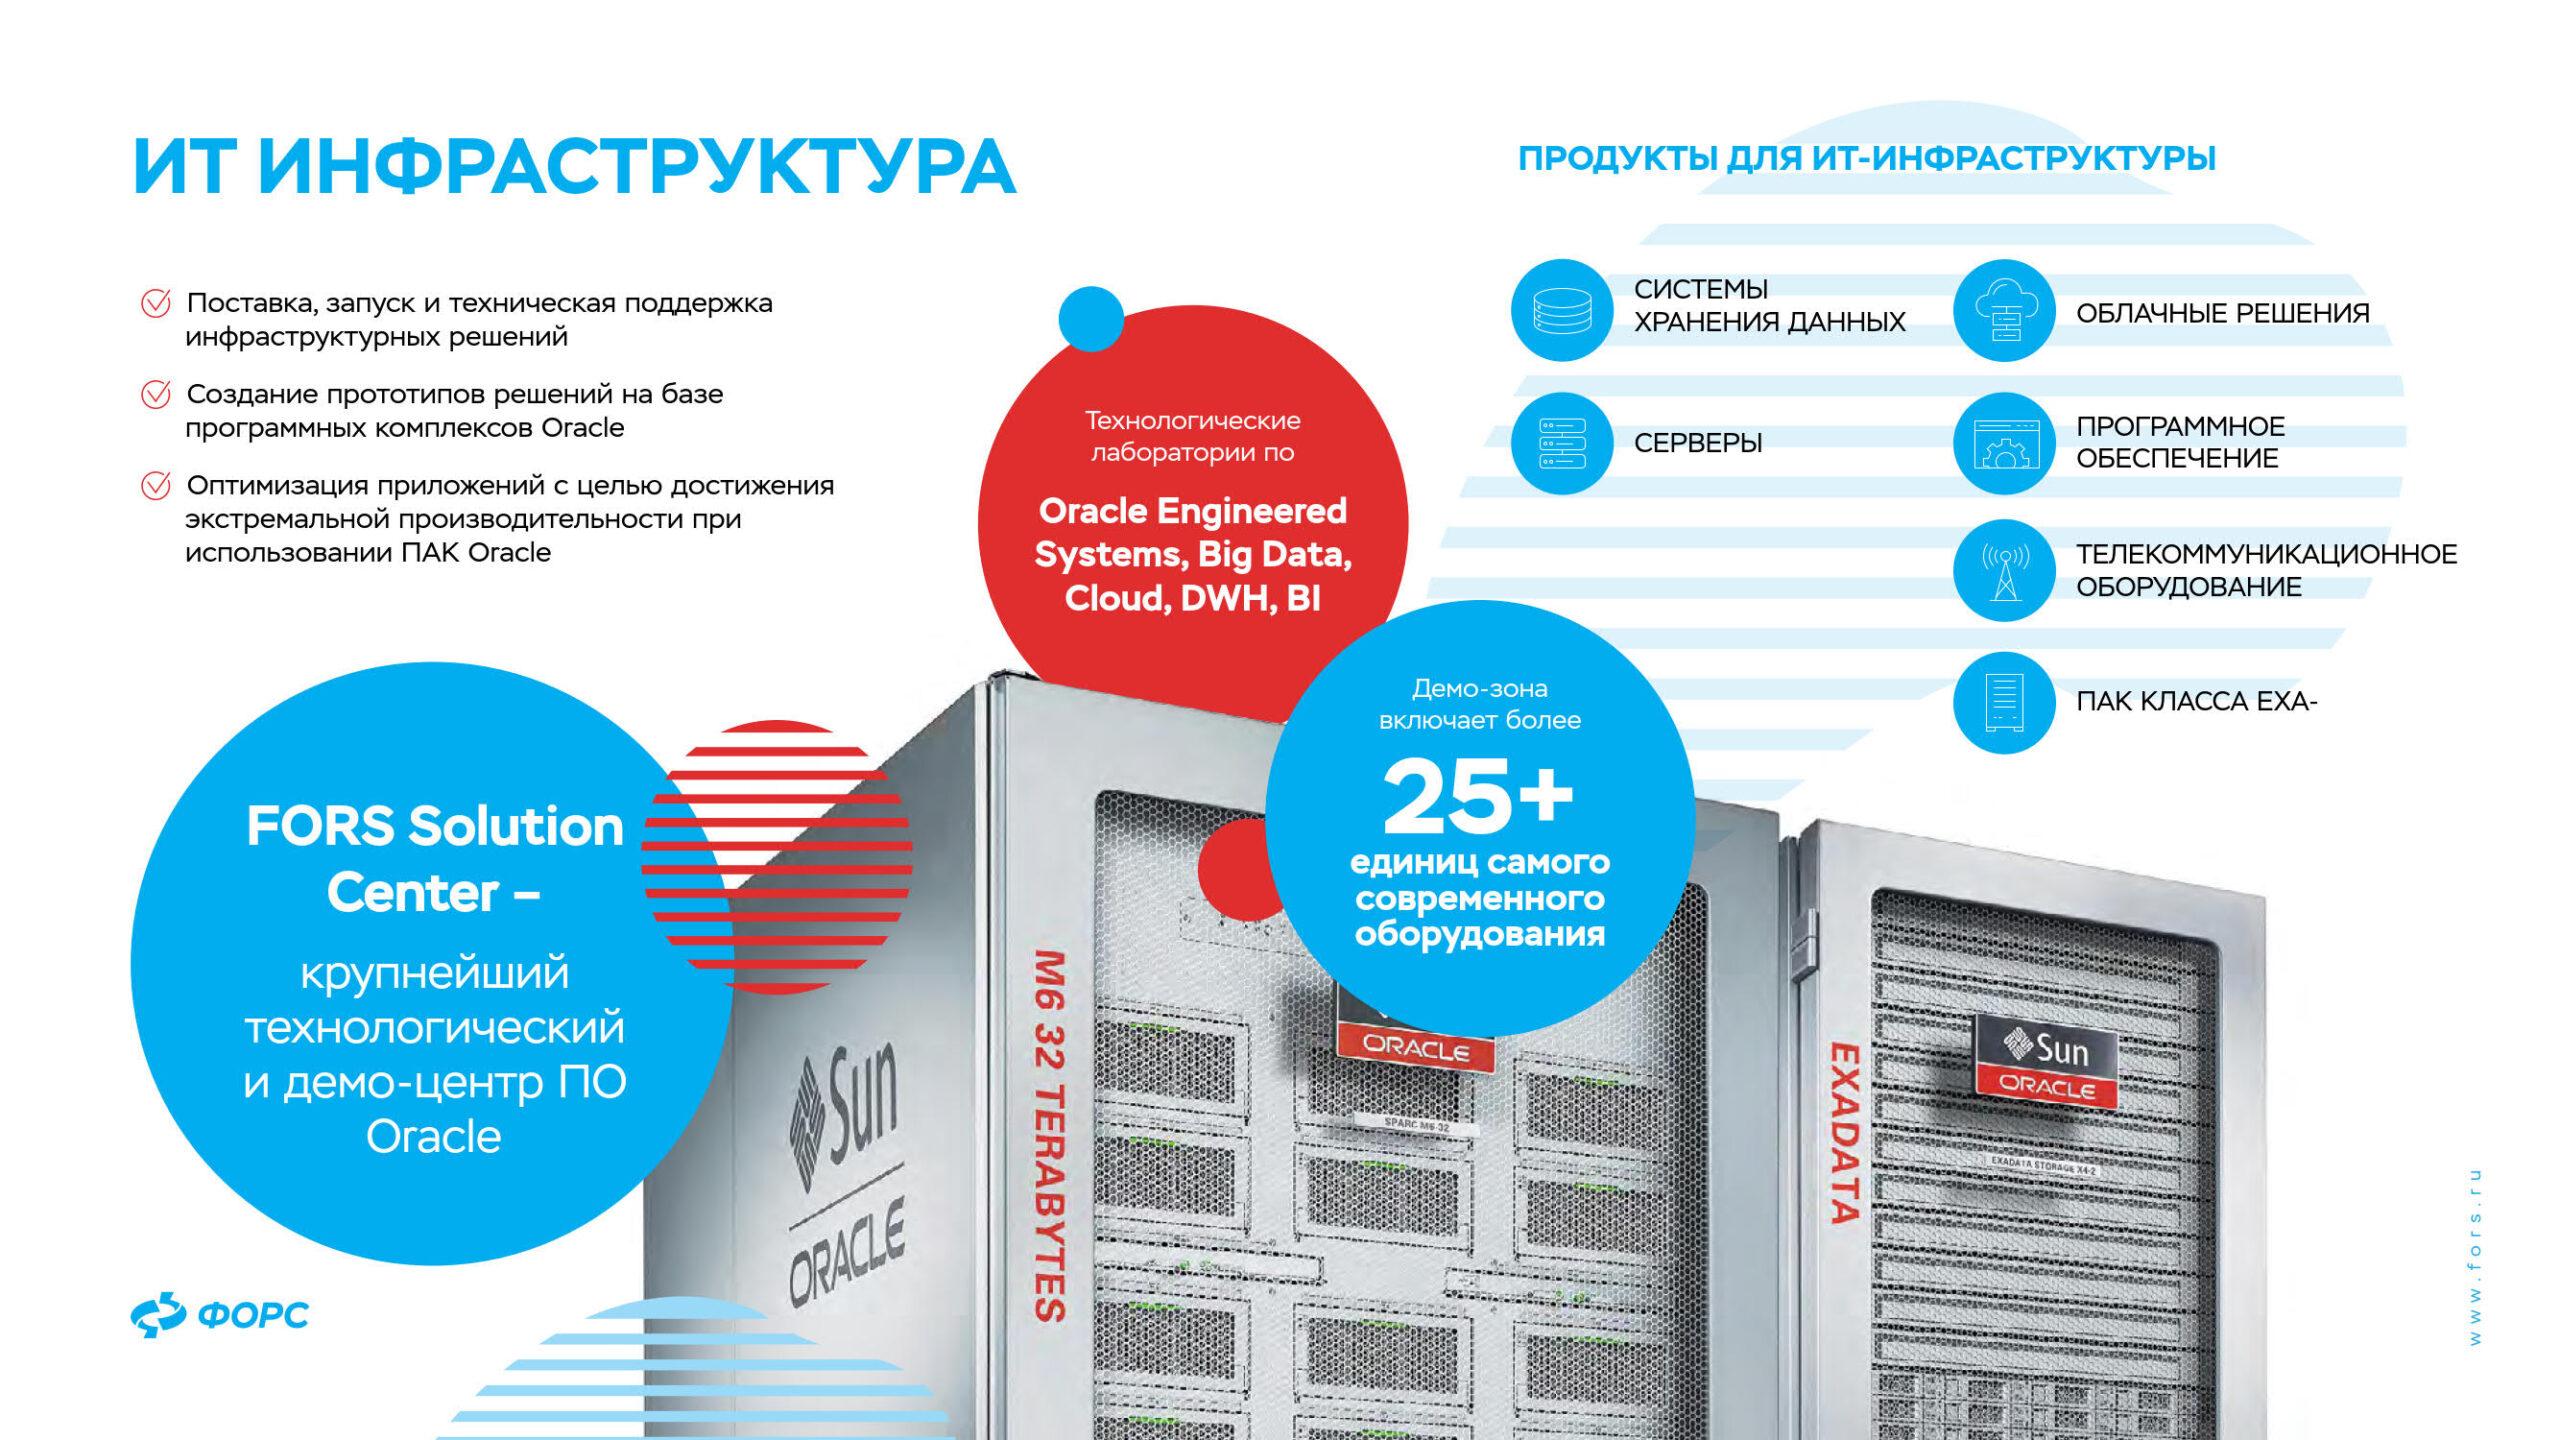 prezentacziya-produktov-dlya-it-infrastruktury-it-infrastruktura